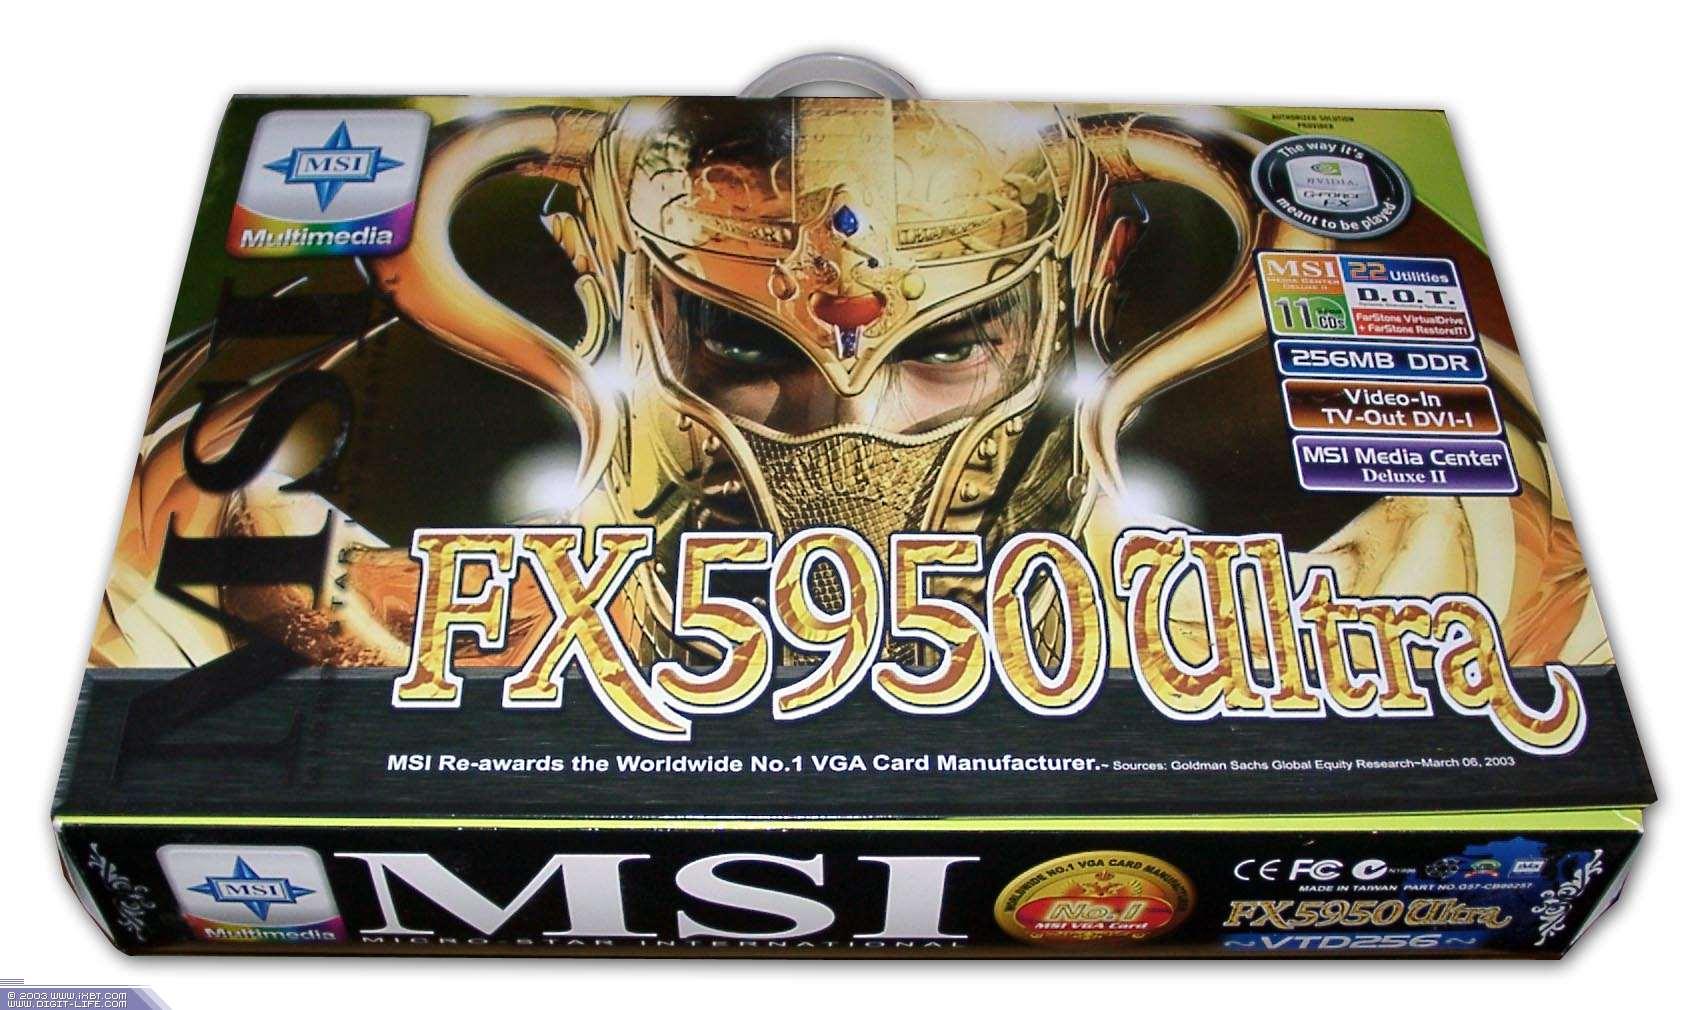 Msi fx5950 ultra vtd256 msi fx5700 ultra td128 128mb